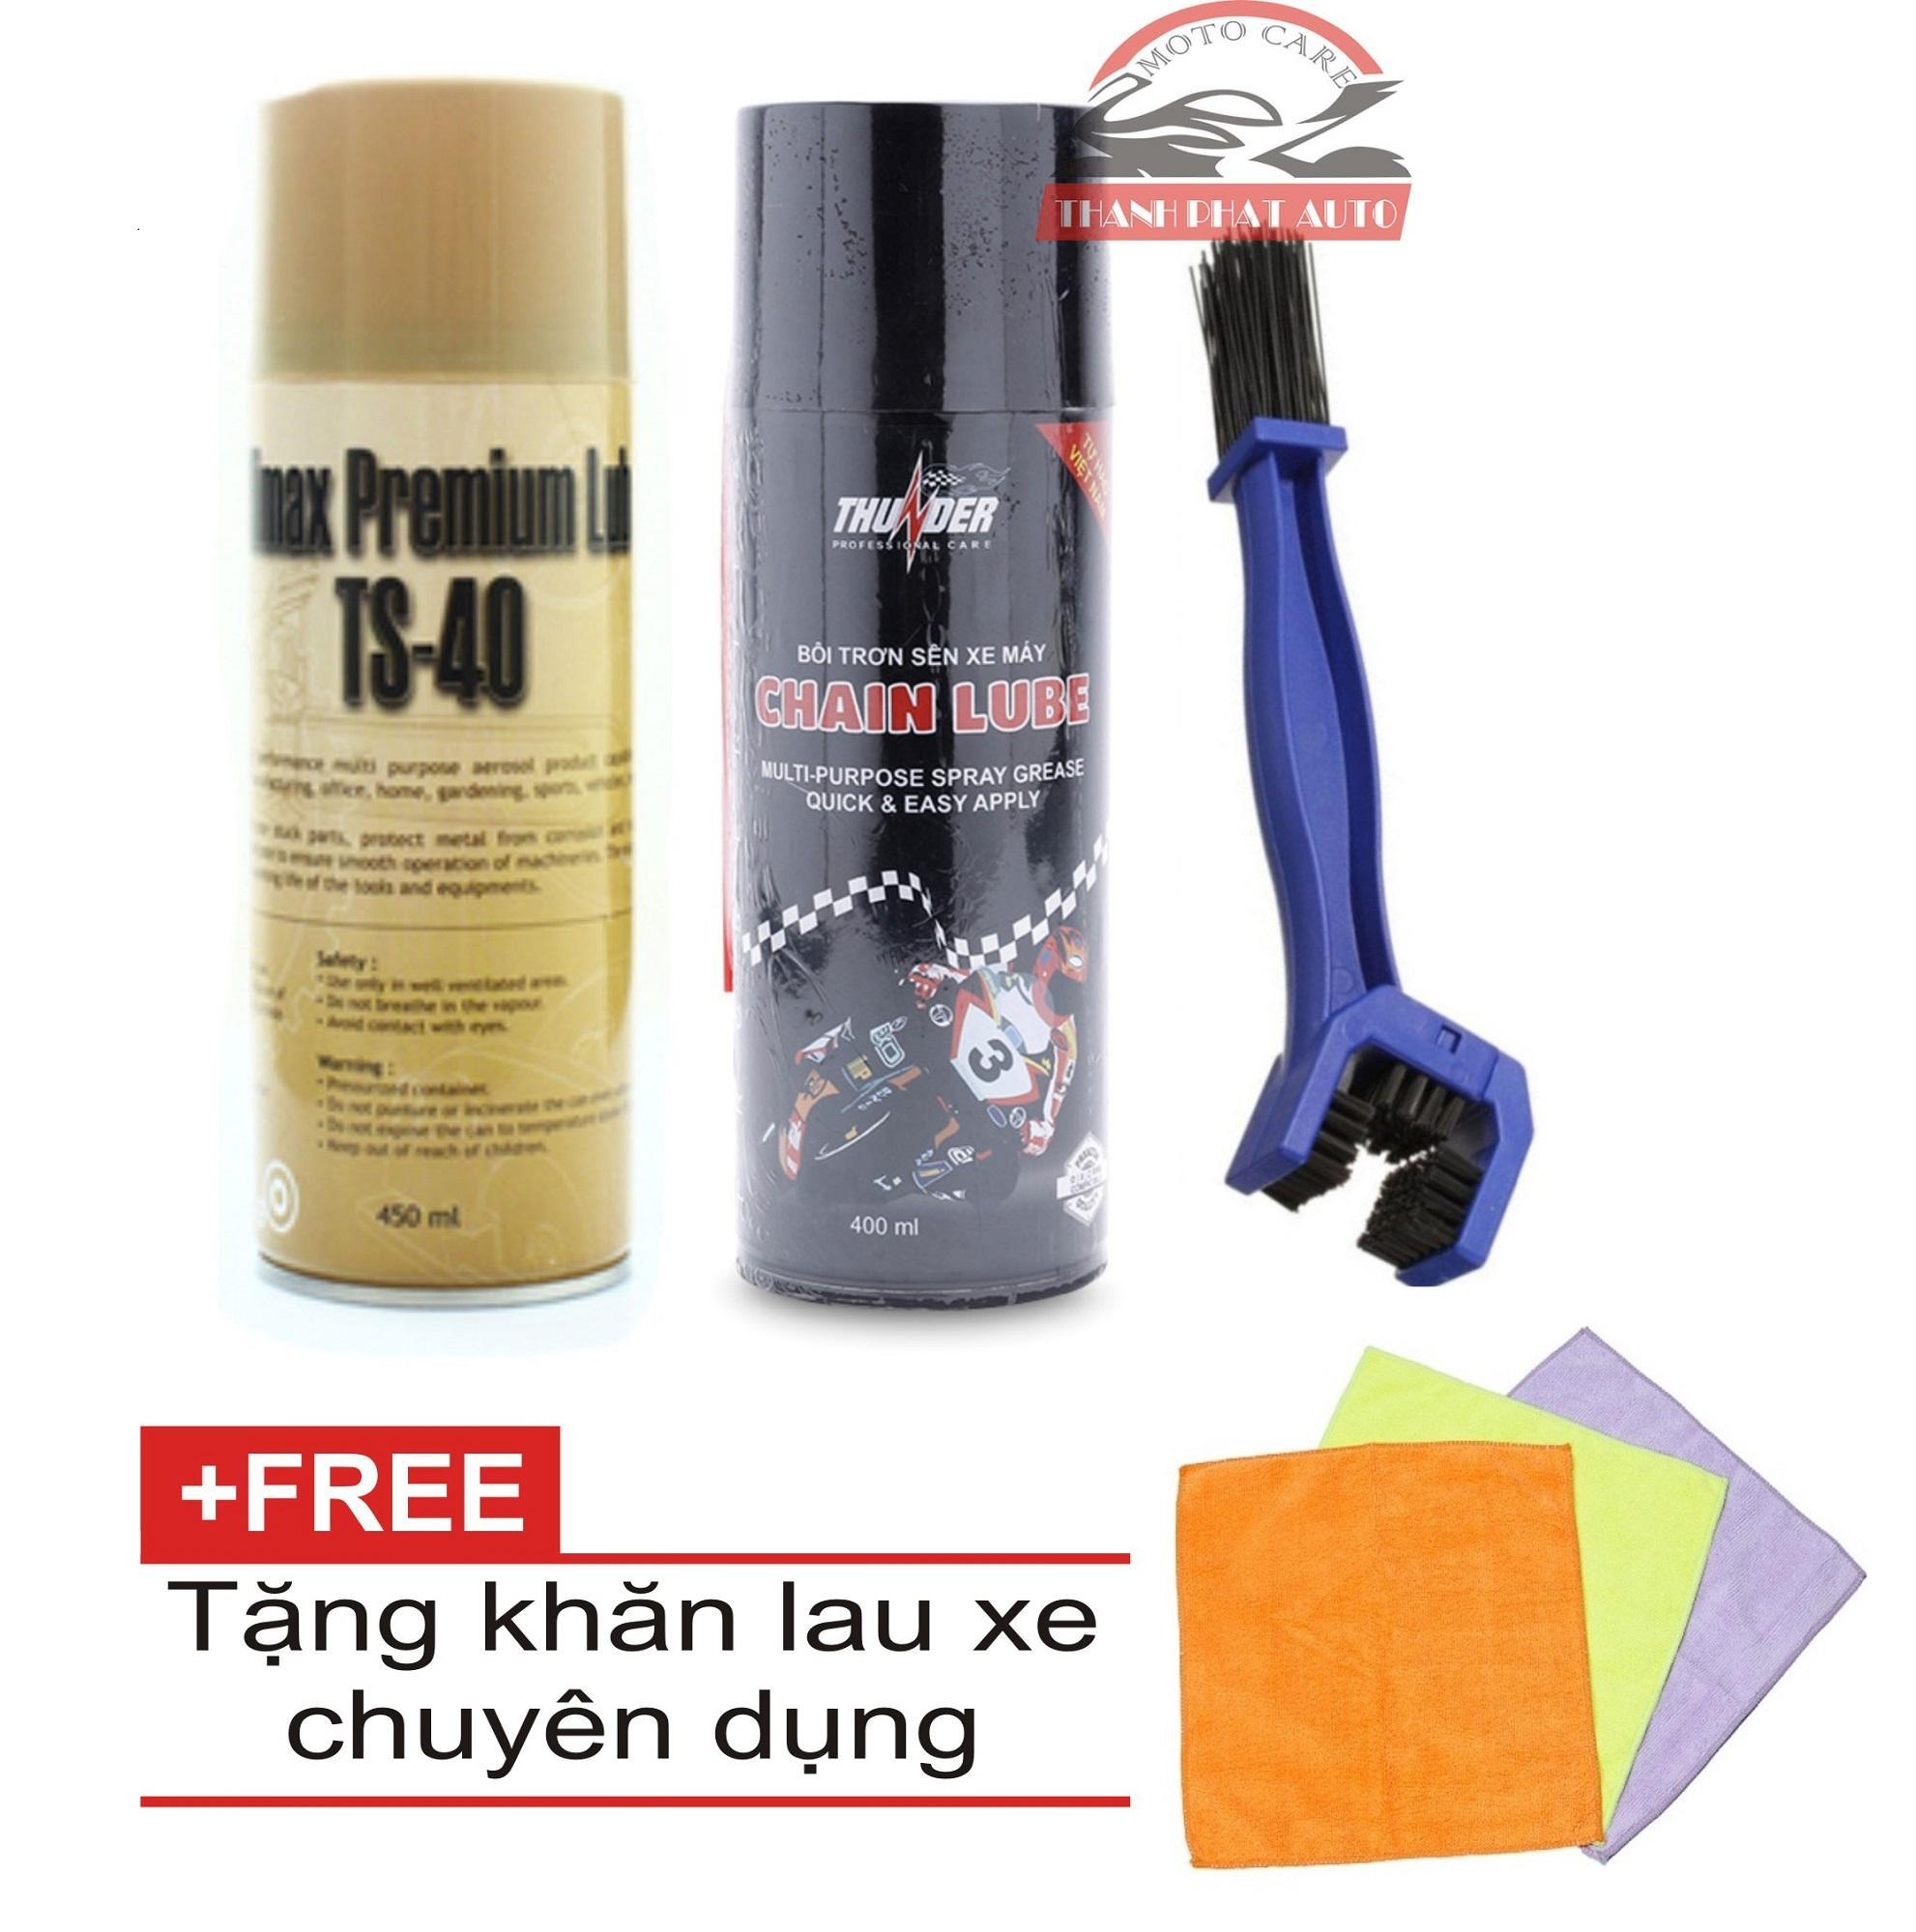 Bộ Rửa sên TS-40 450ml + Bôi trơn sên Thunder 400ml + Bàn chải vệ sinh sên tặng kèm khăn lau xe chuyên dụng